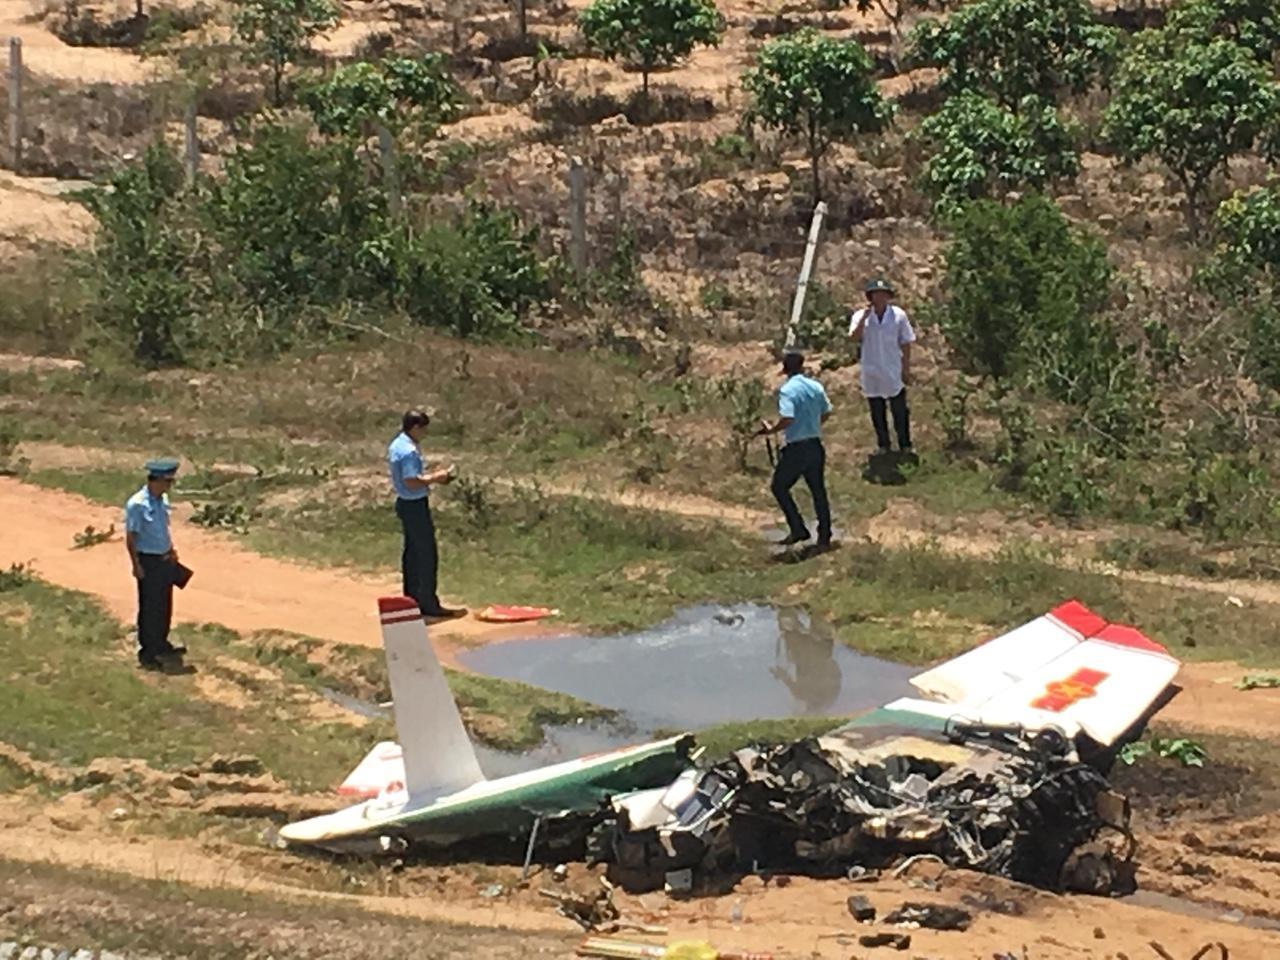 CLIP: Hiện trường vụ rơi máy bay ở Khánh Hòa, 2 phi công tử nạn Ảnh 3